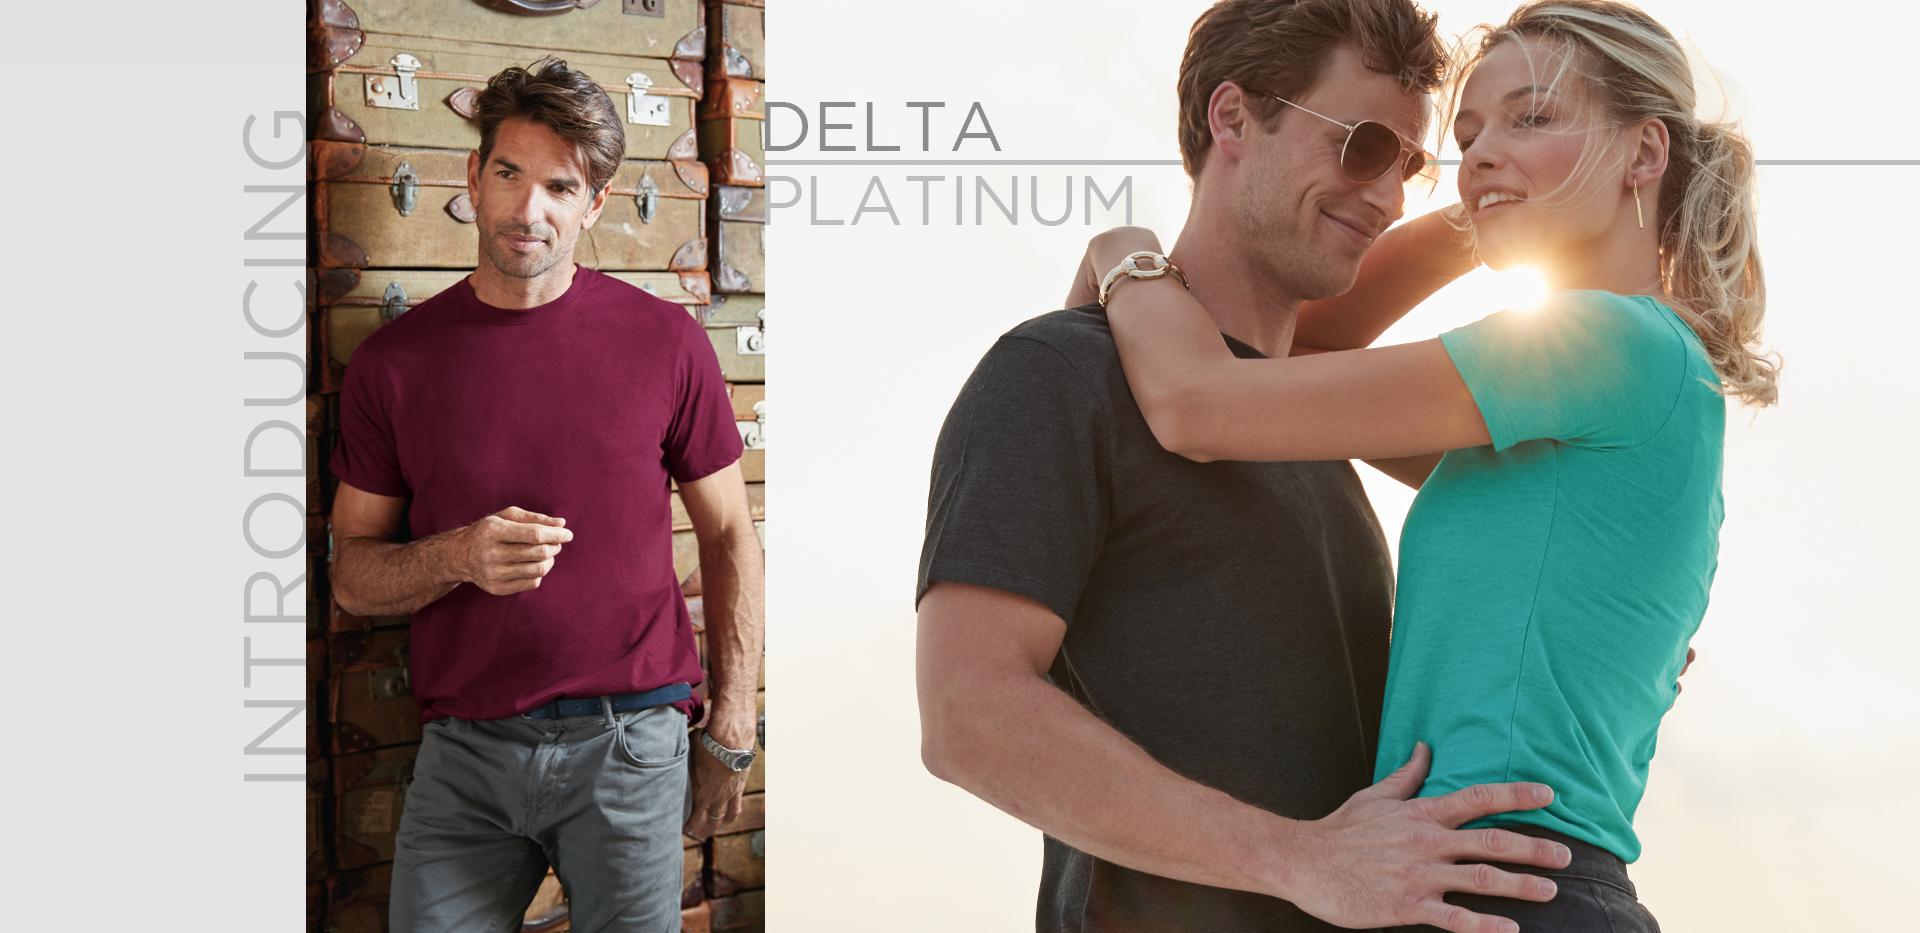 _slider-delta-platinum-slider-1_v3